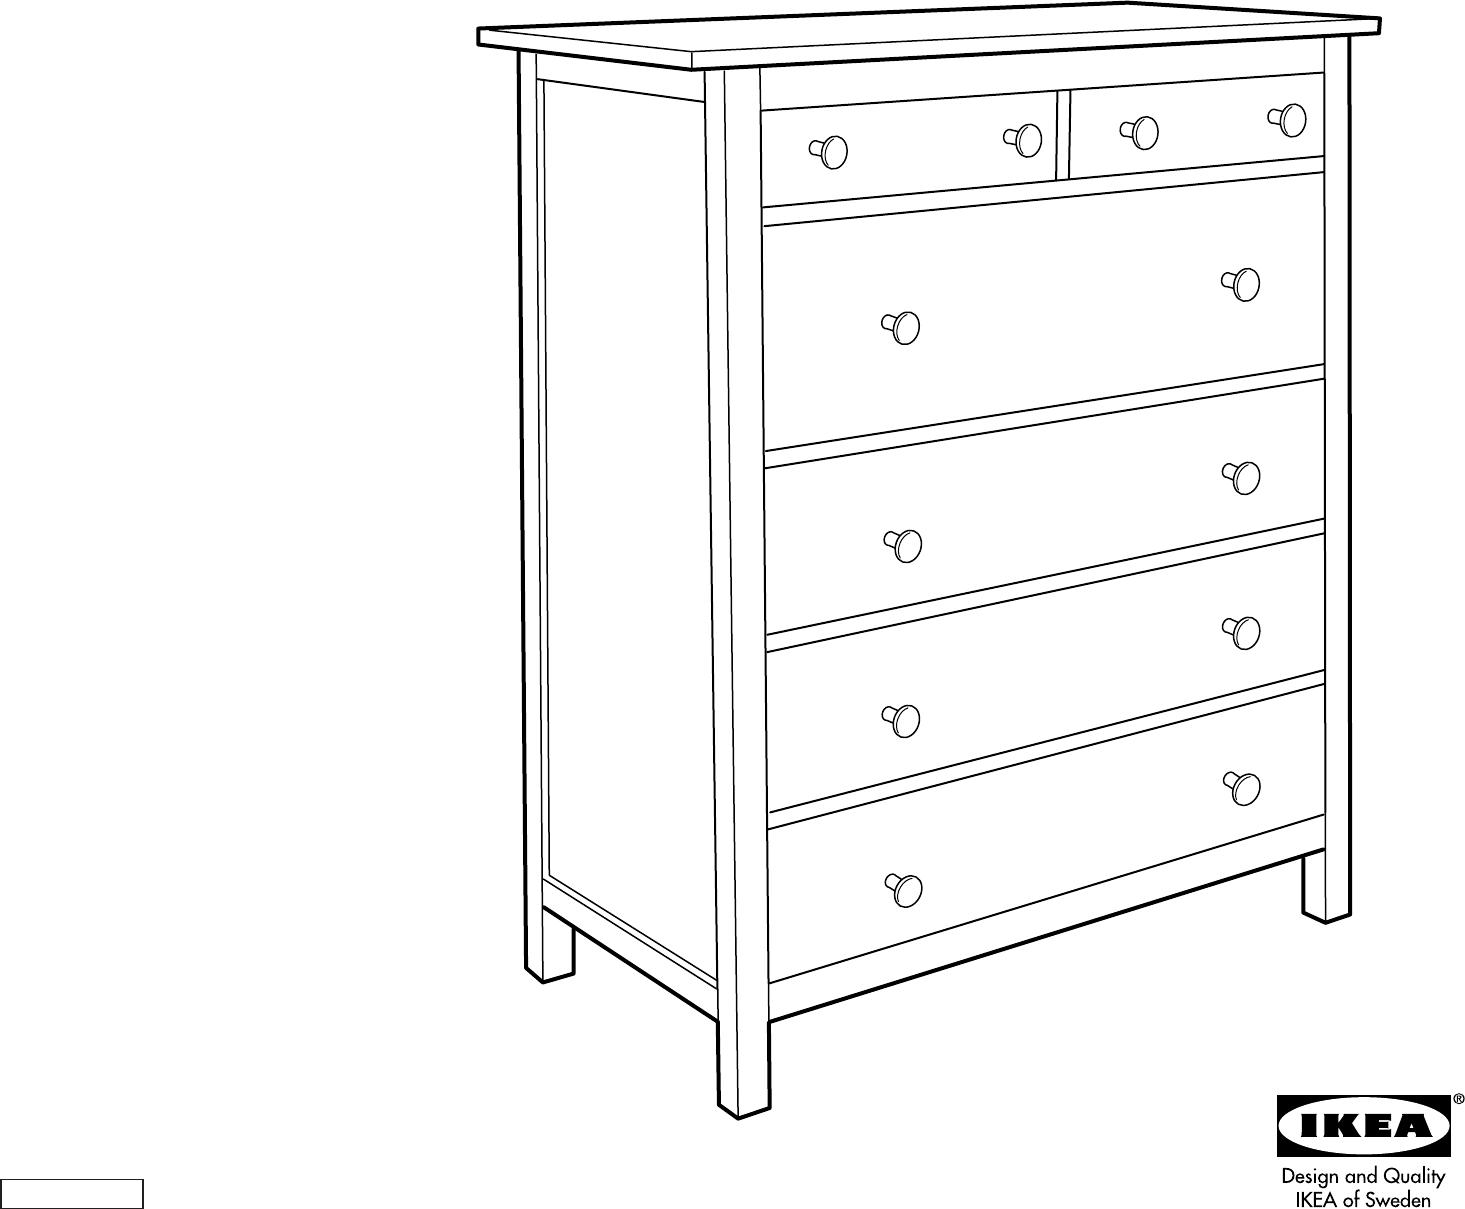 Hemnes Ladekast 3 Laden.Handleiding Ikea Hemnes Ladekast 6 Pagina 1 Van 12 Dansk